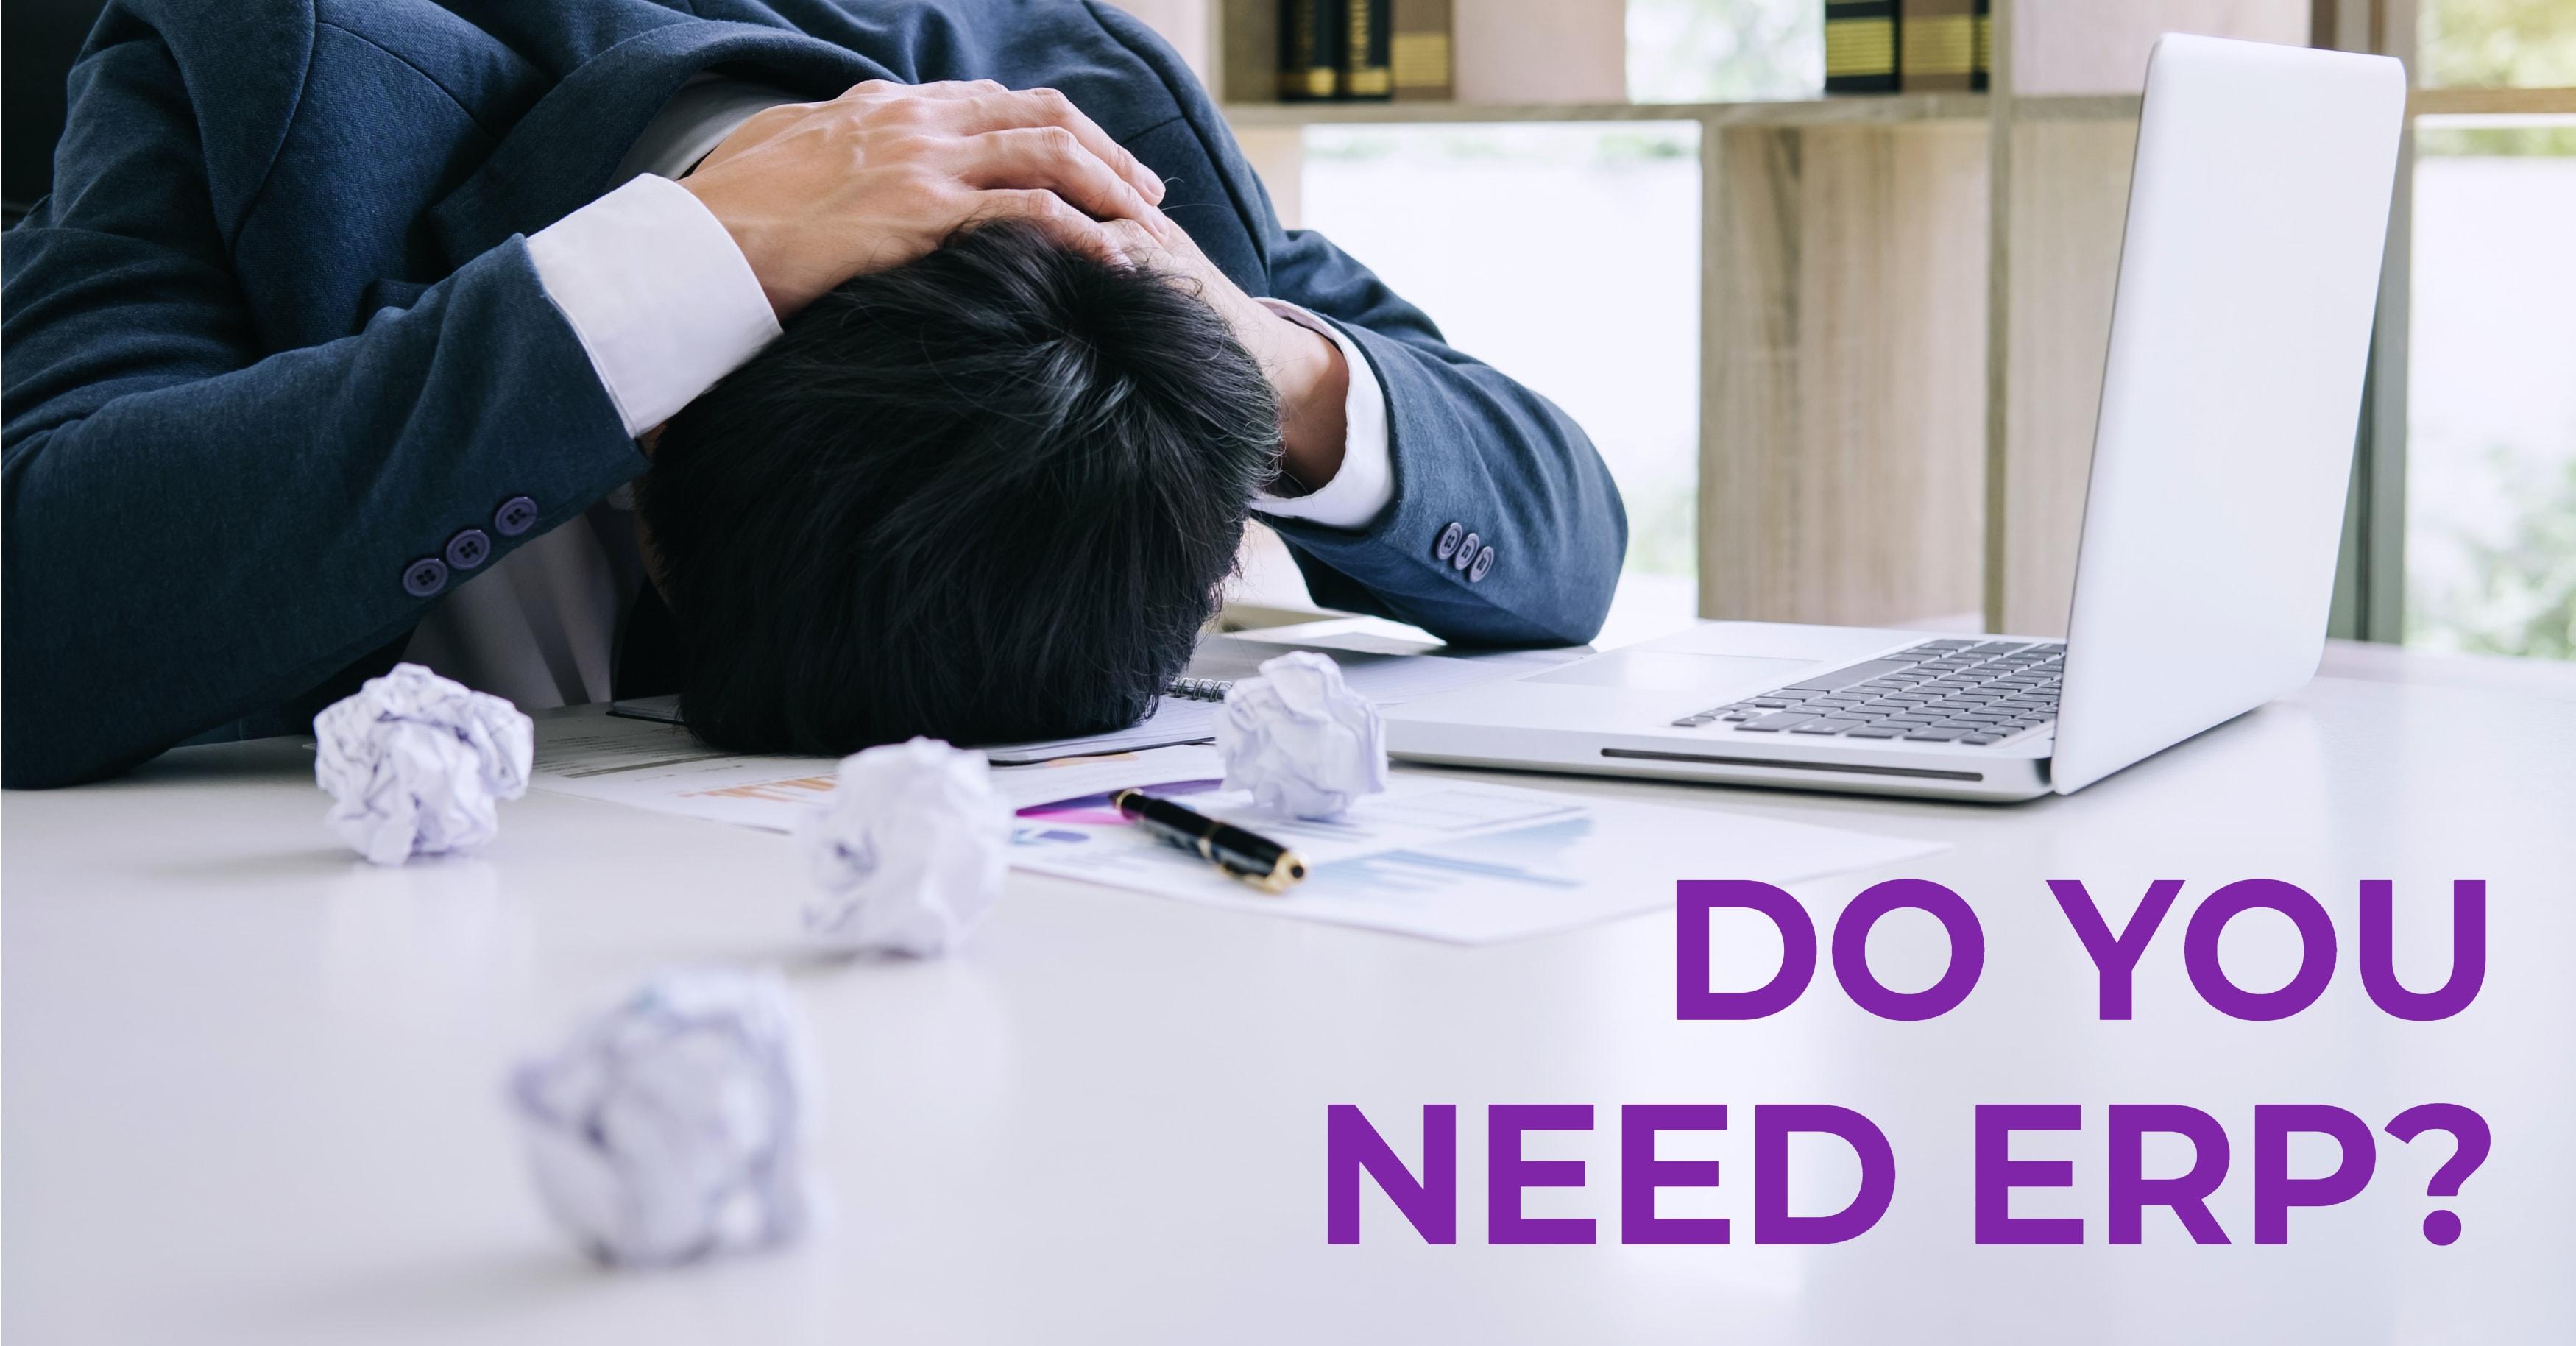 Business Needs ERP